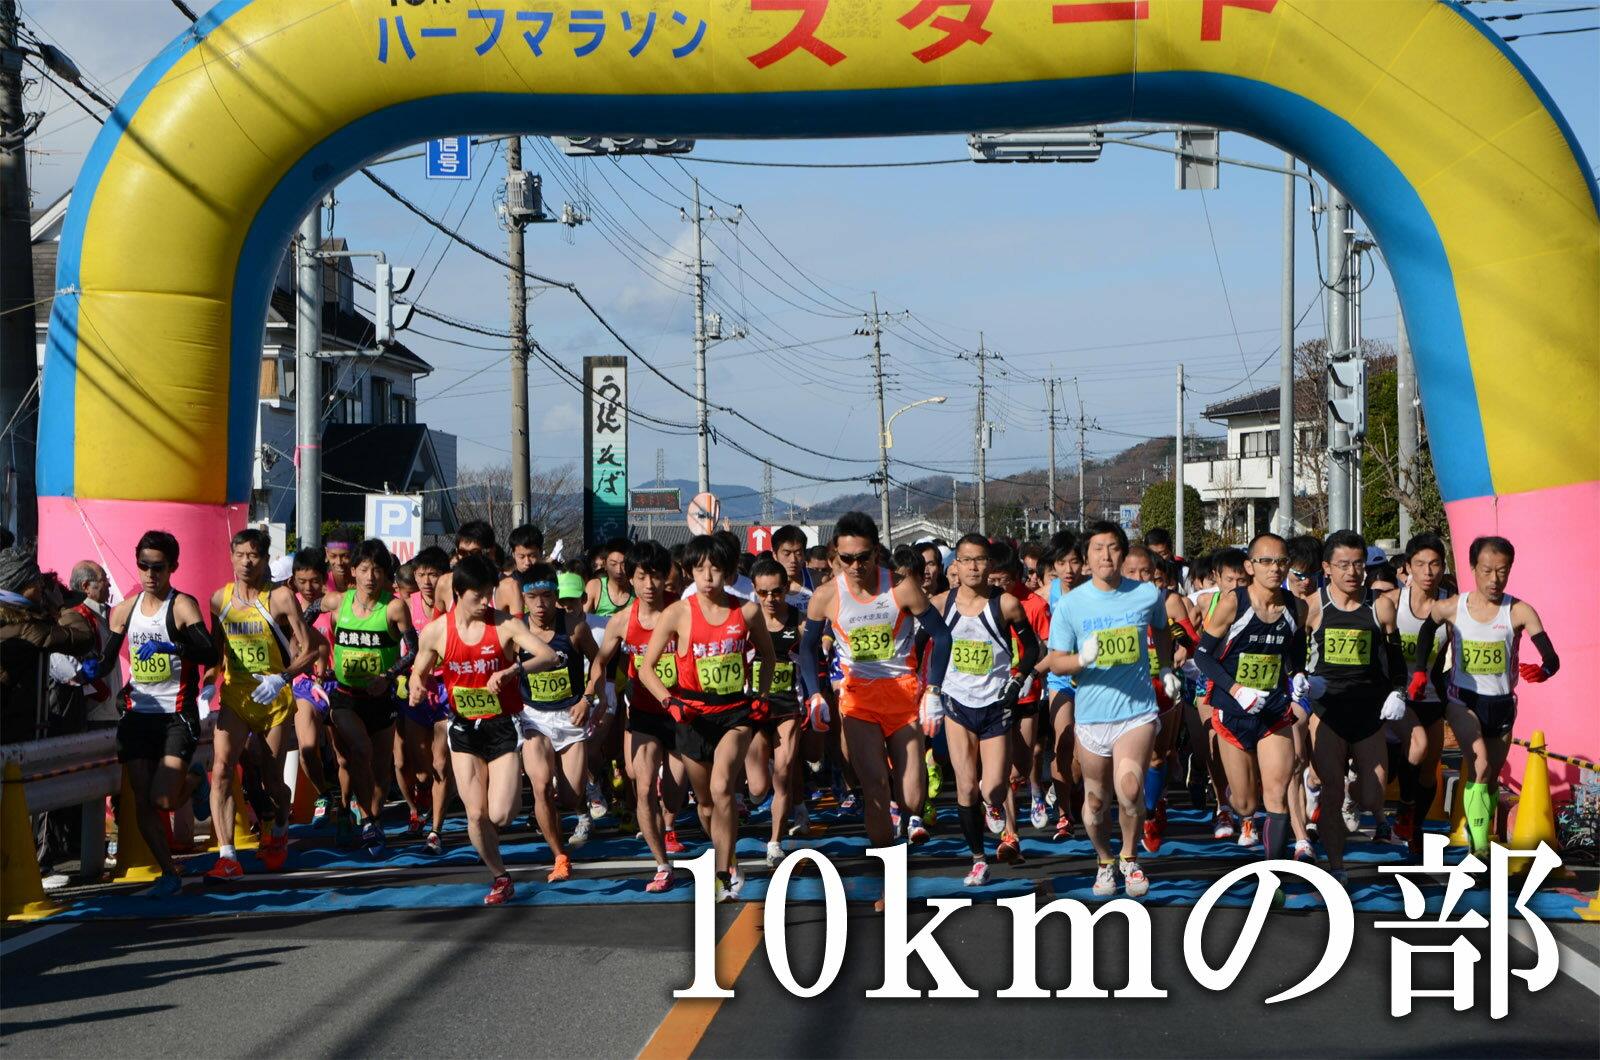 【ふるさと納税】小川和紙マラソン大会参加権(10kmの部)